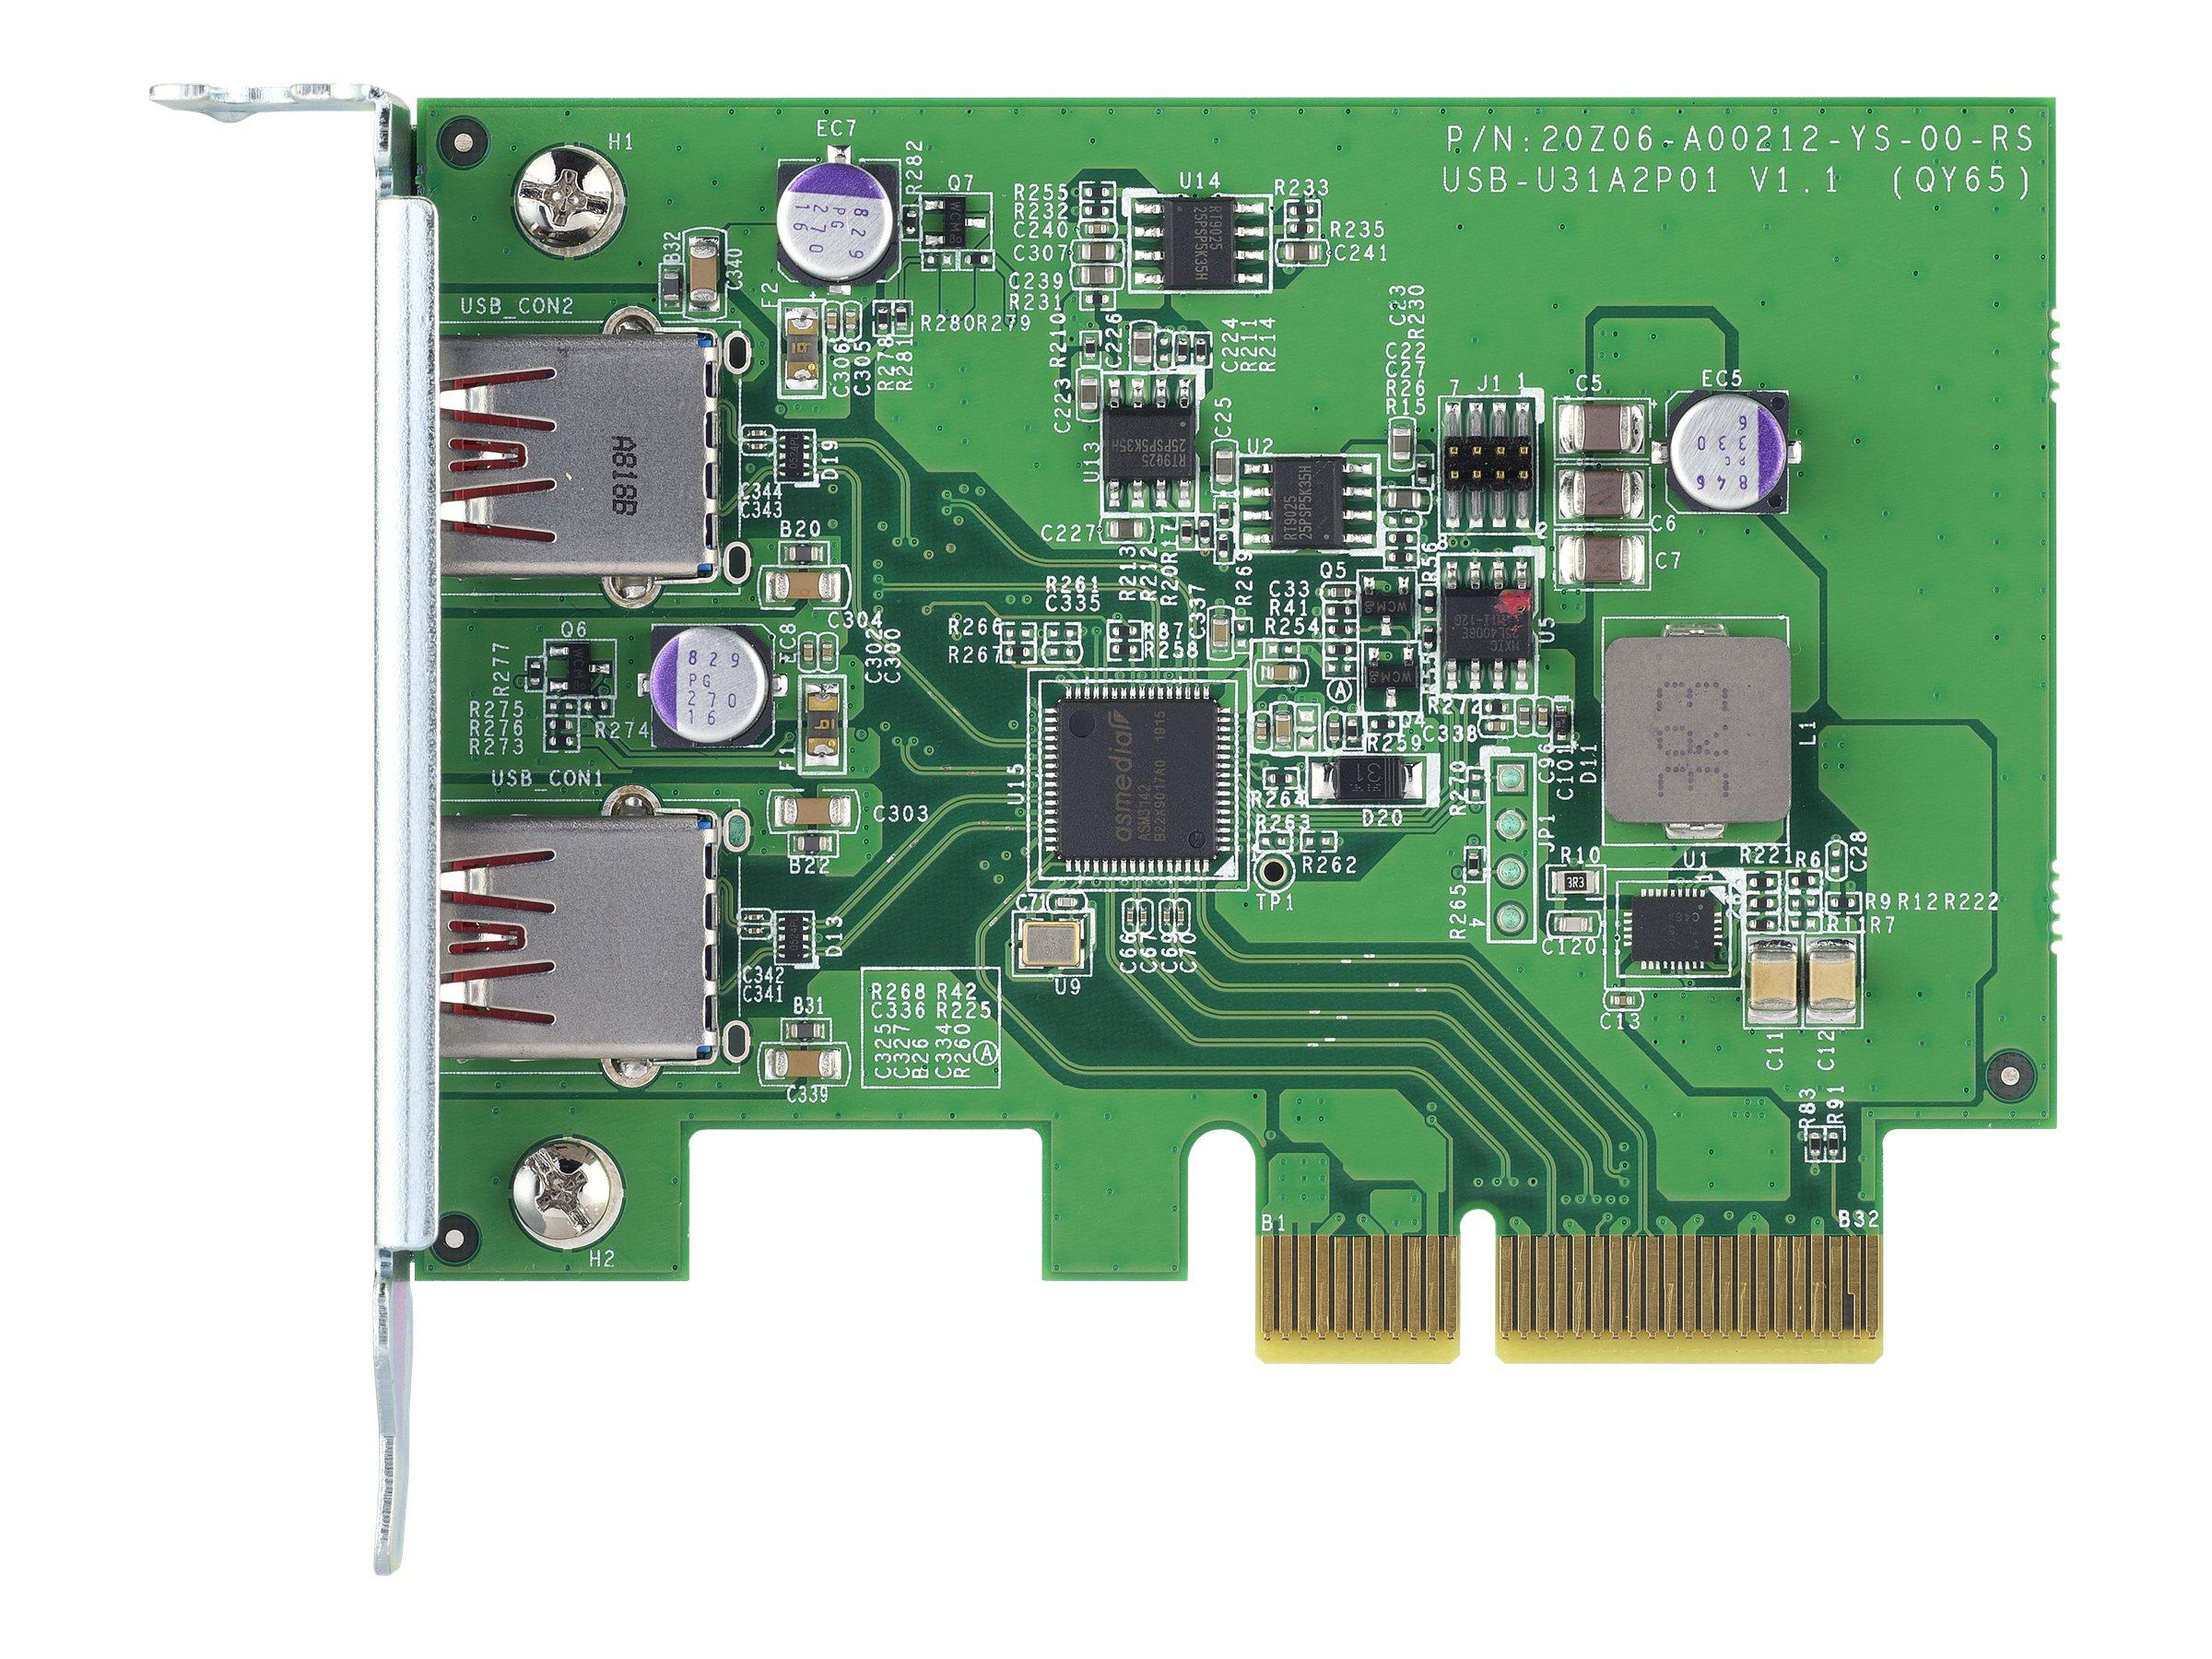 QNAP QXP-10G2U3A - USB adapter - PCIe 2.0 x2 - USB 3.2 Gen 2 x 2